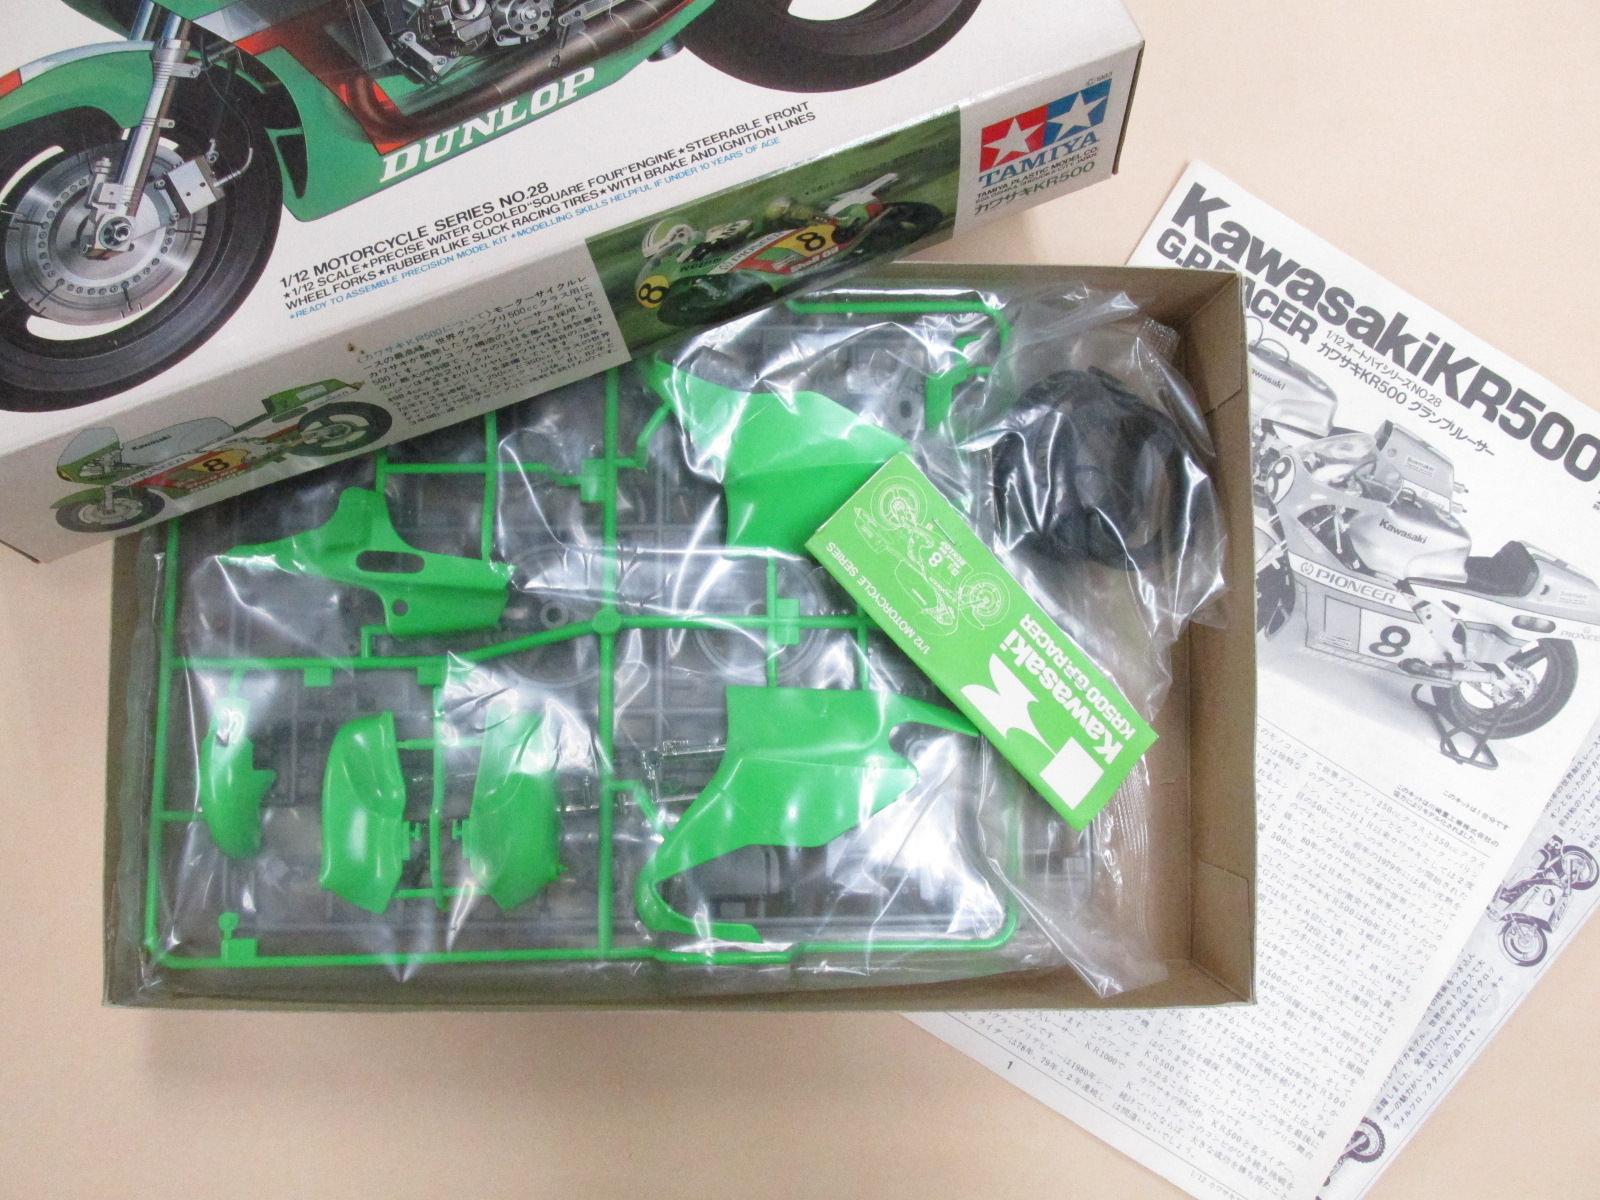 タミヤ 1/12スケール オートバイシリーズNo.28 カワサキKR500 グランプリレーサー